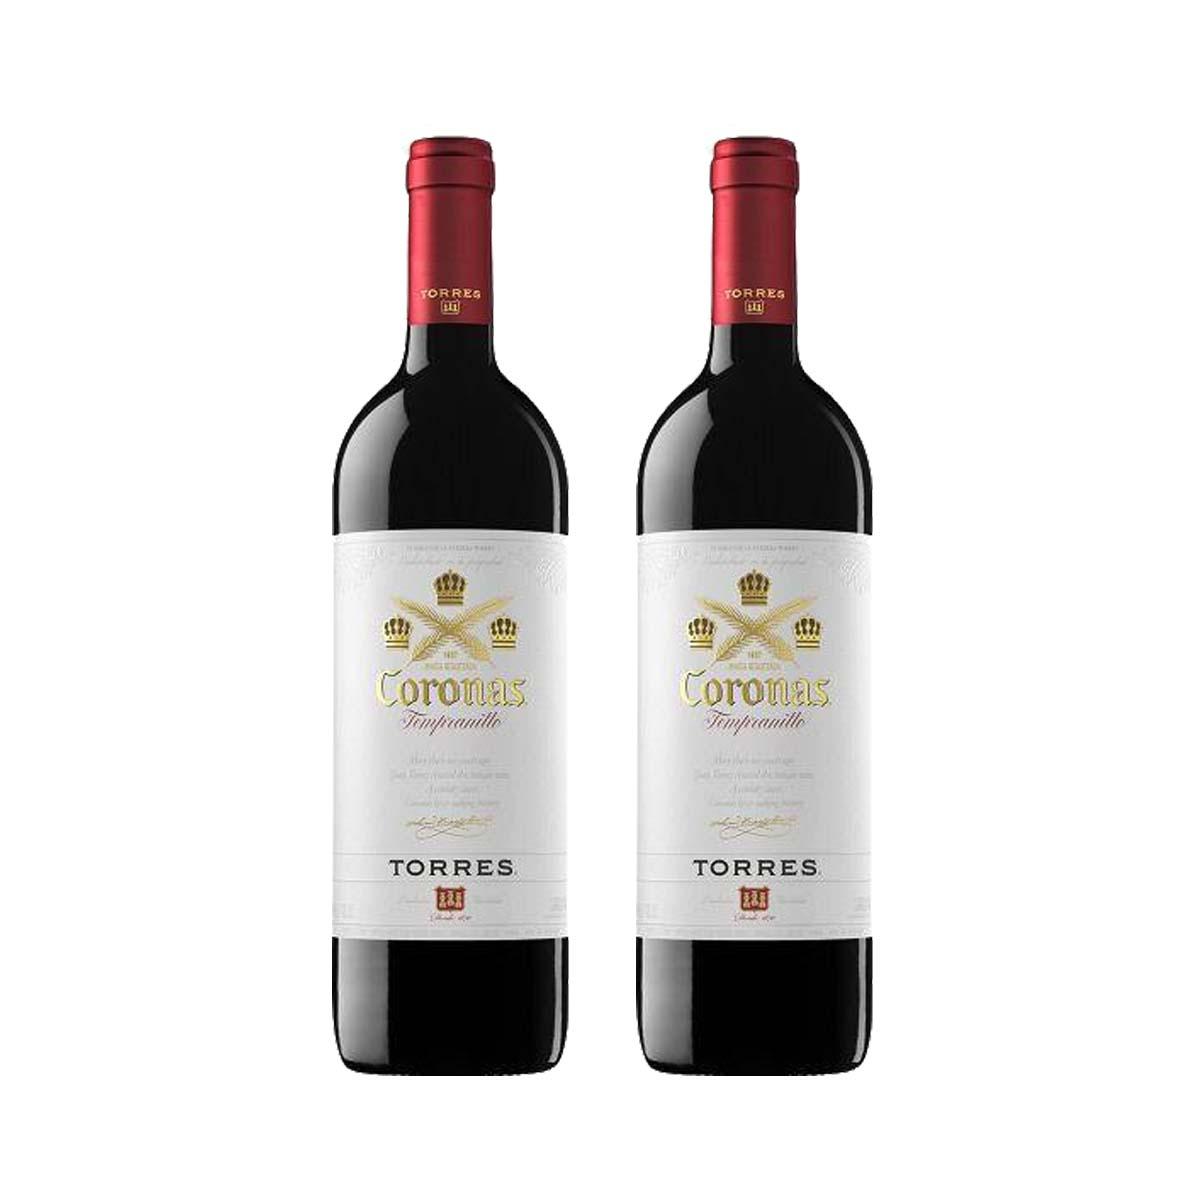 Kit 2x Vinho Tinto Espanhol Torres Coronas Tempranillo 750ml 2018